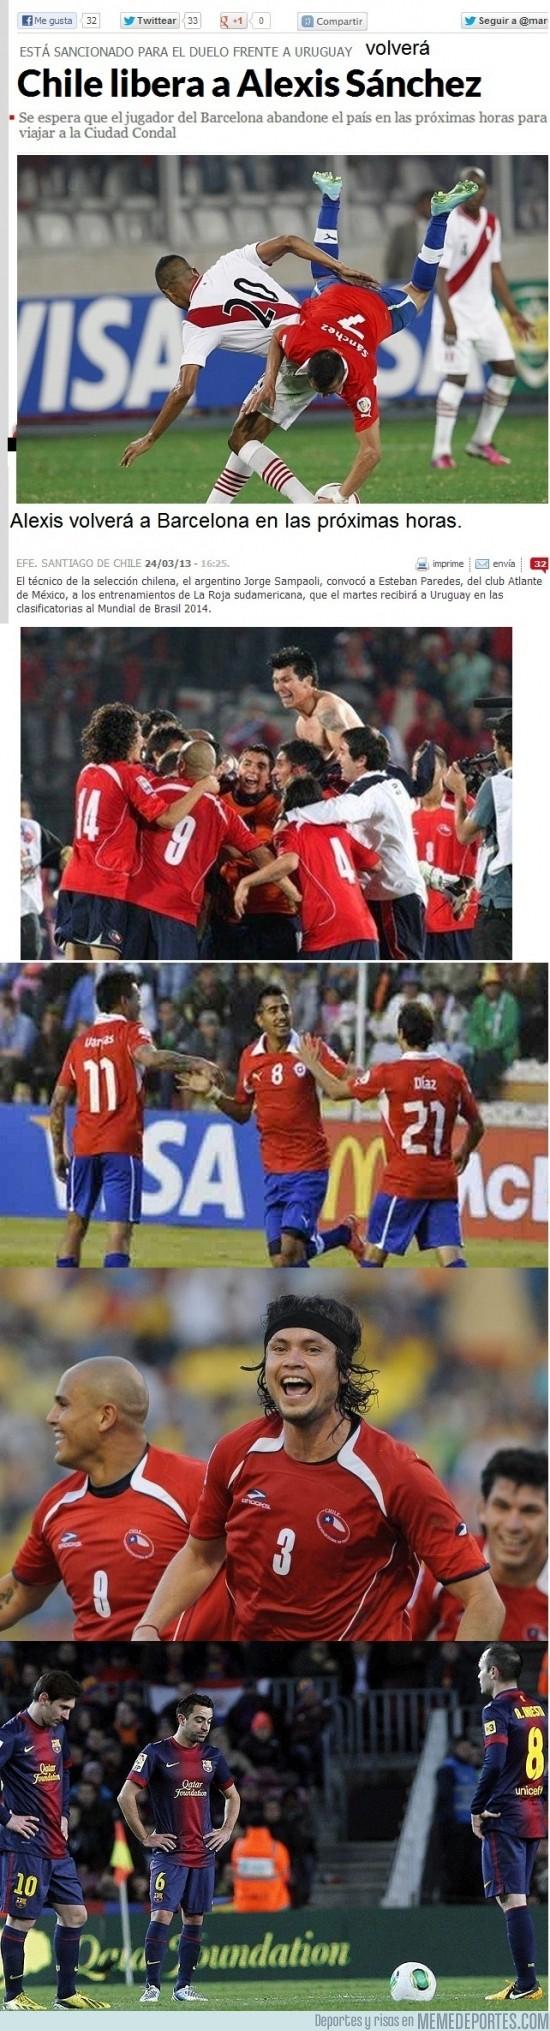 104848 - Alexis no jugará contra Uruguay y volverá a Barcelona